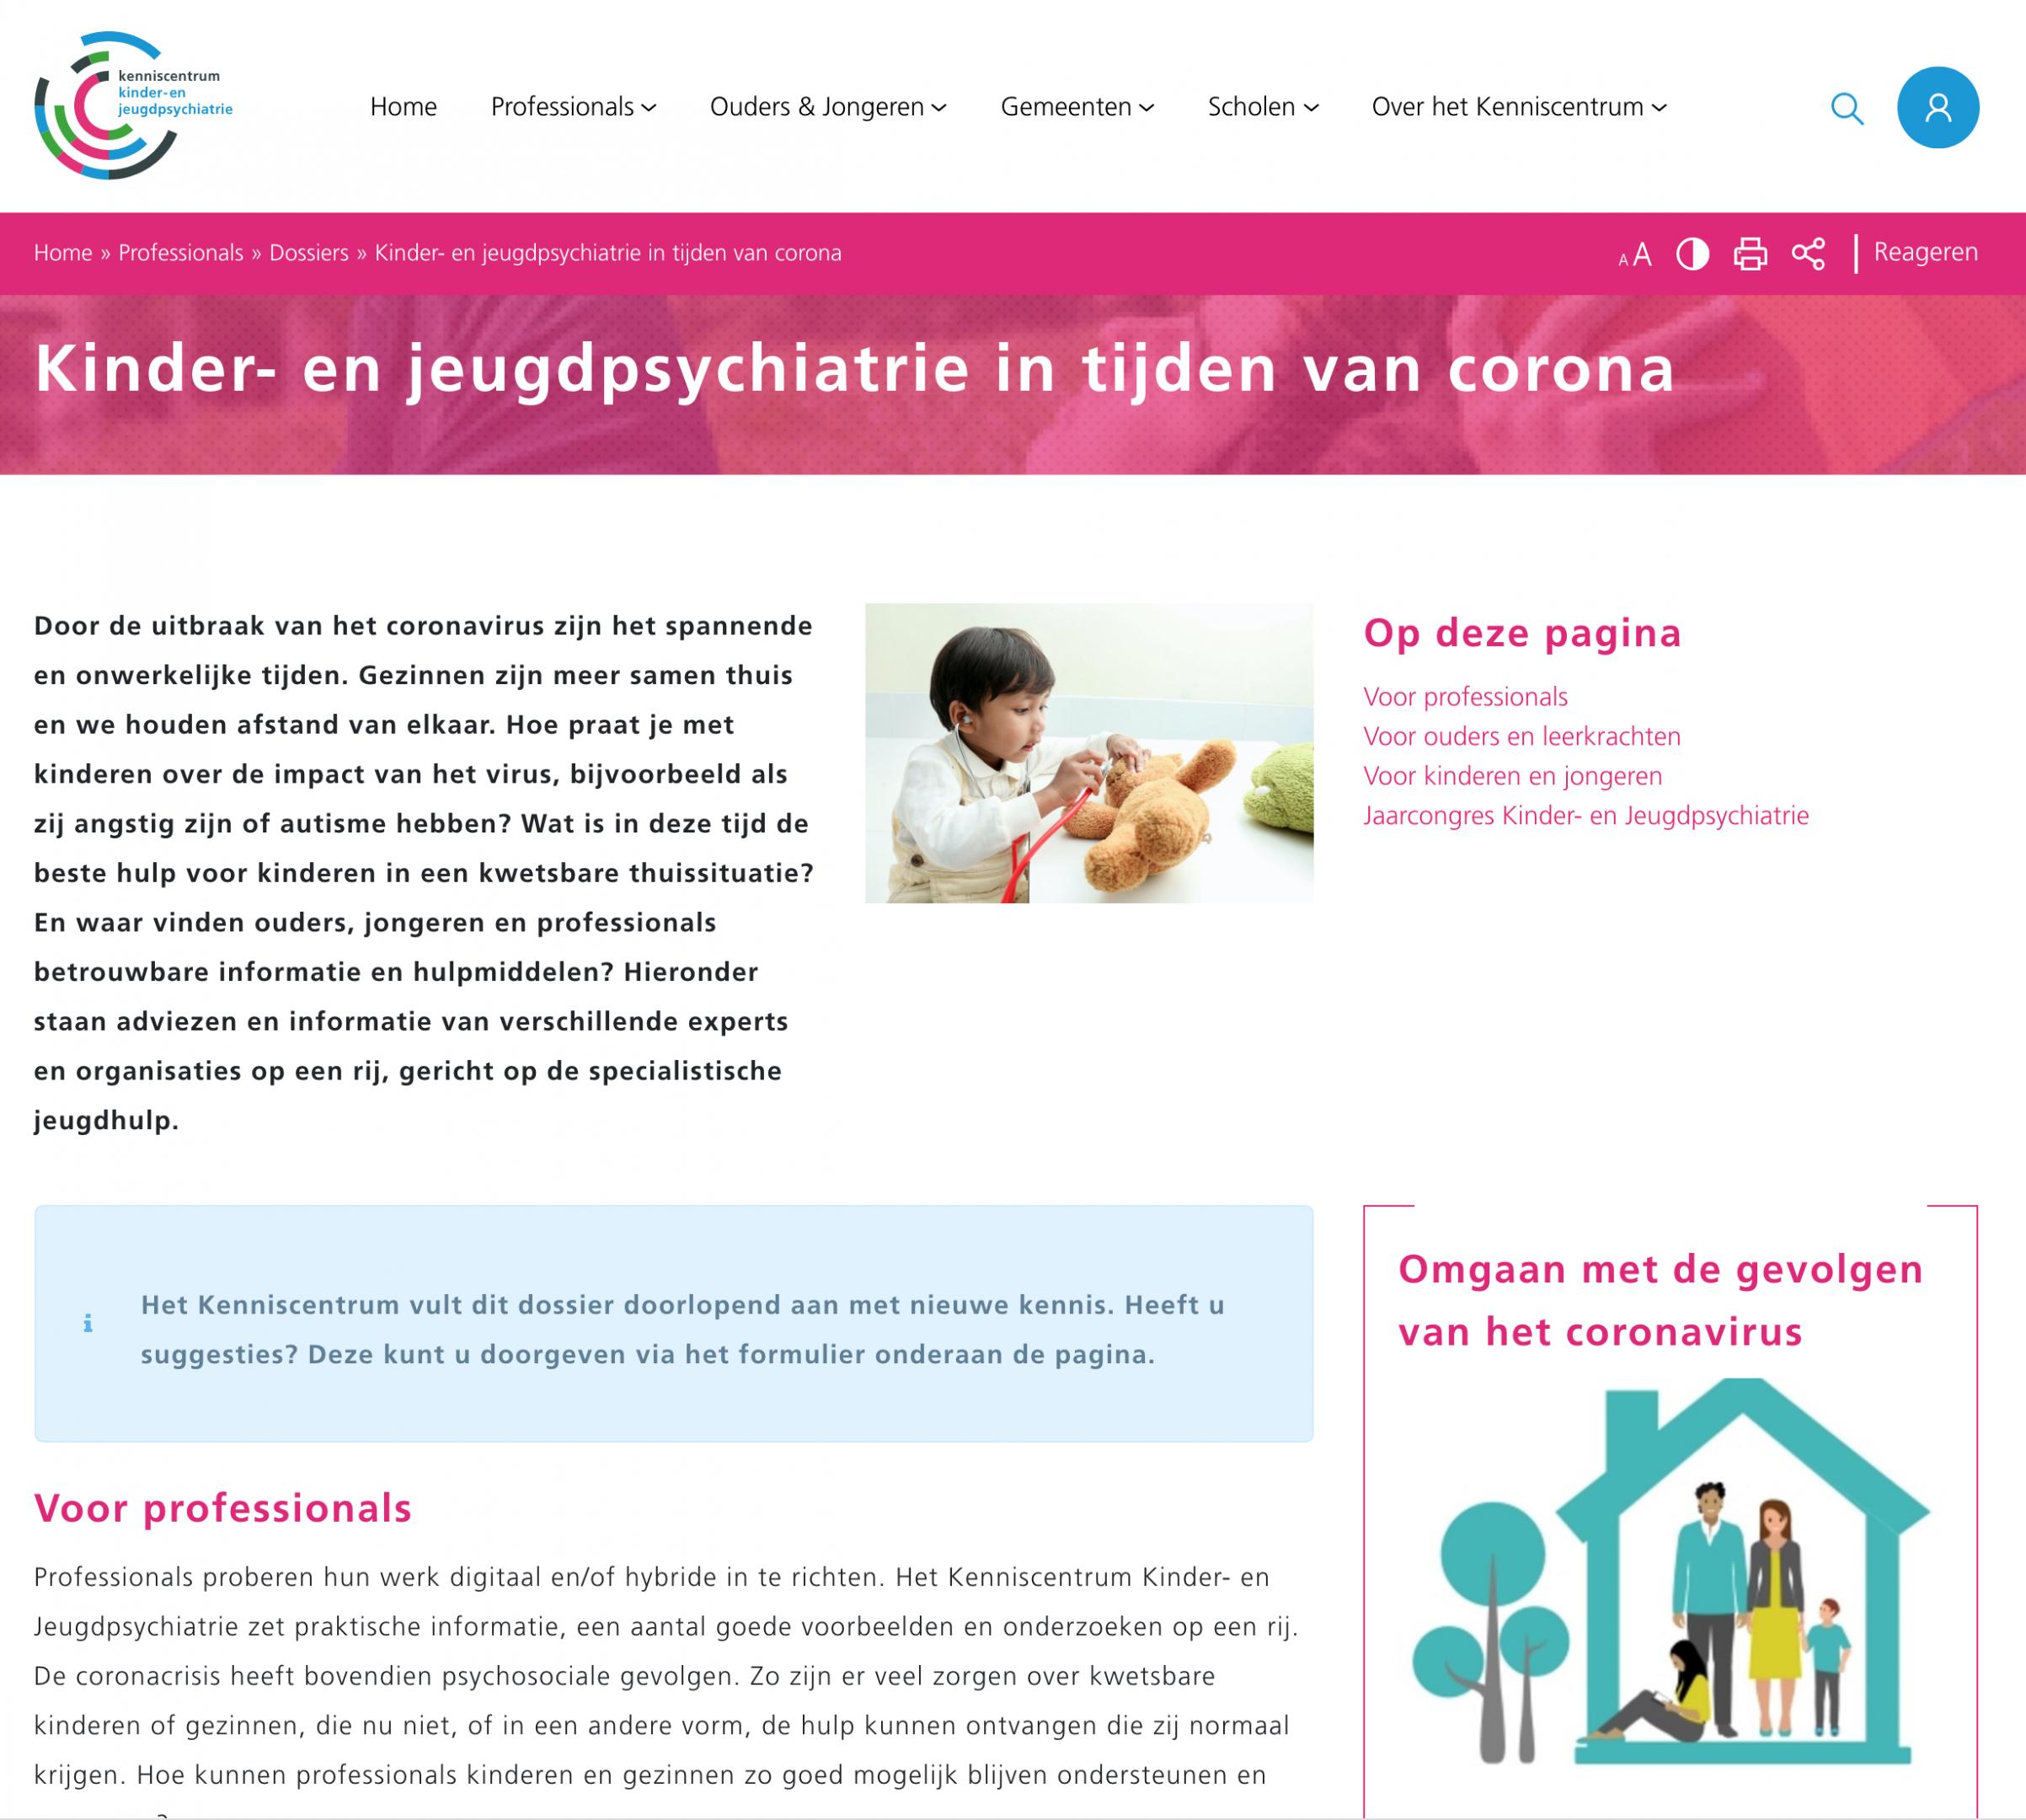 Webpagina met informatie voor professionals, ouders, leerkrachten en jeugd.